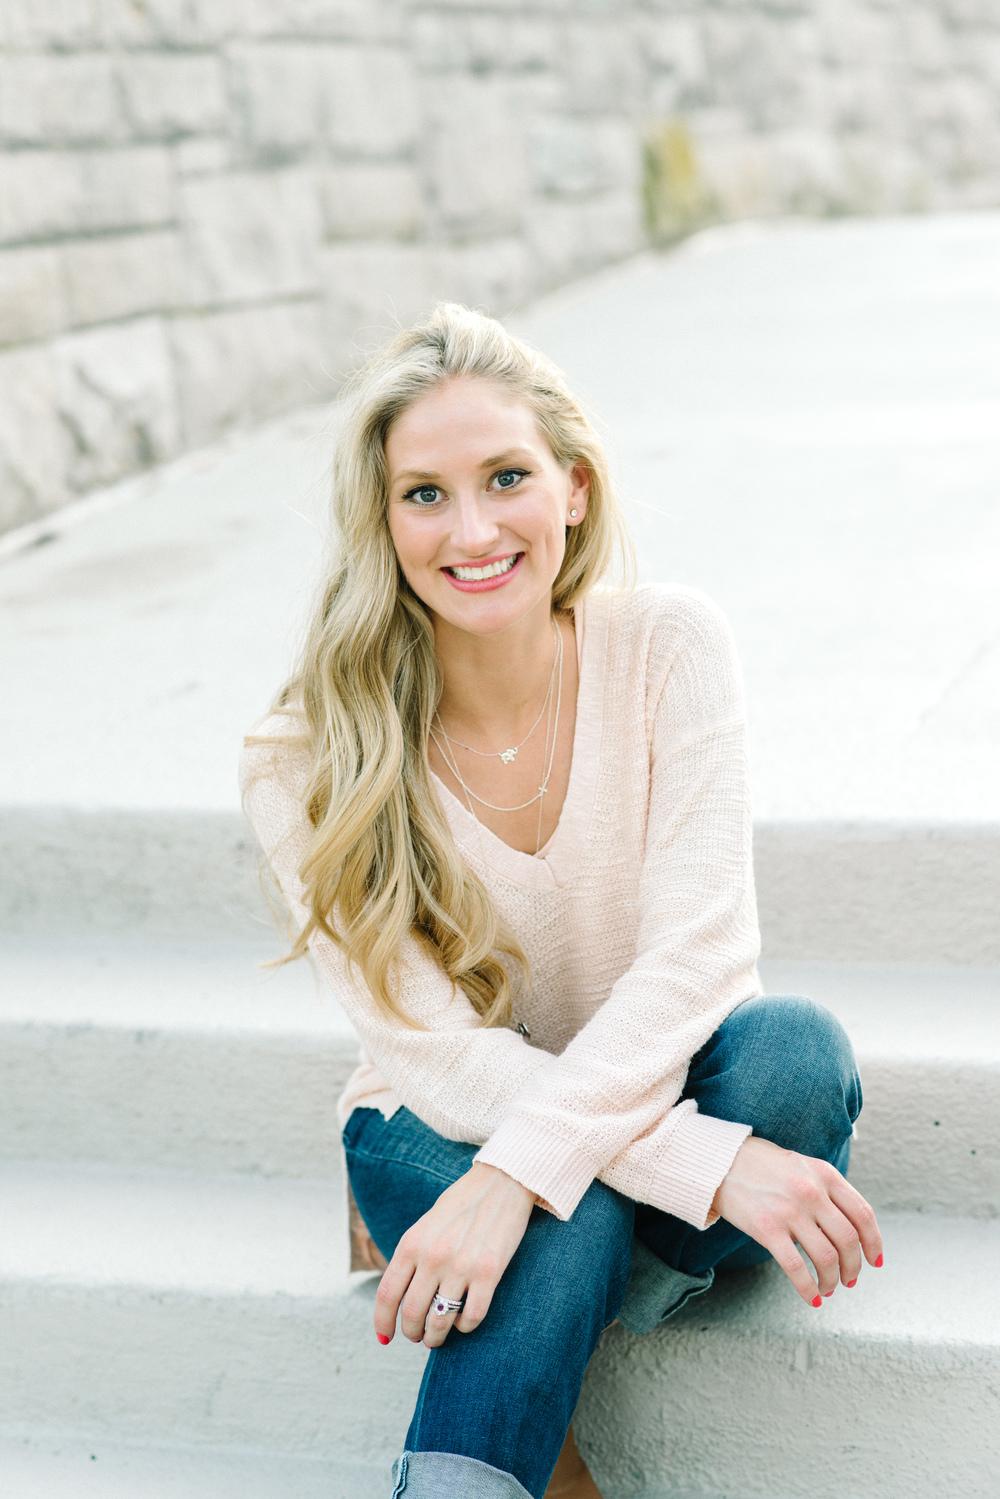 Amanda Gonzalez Burton